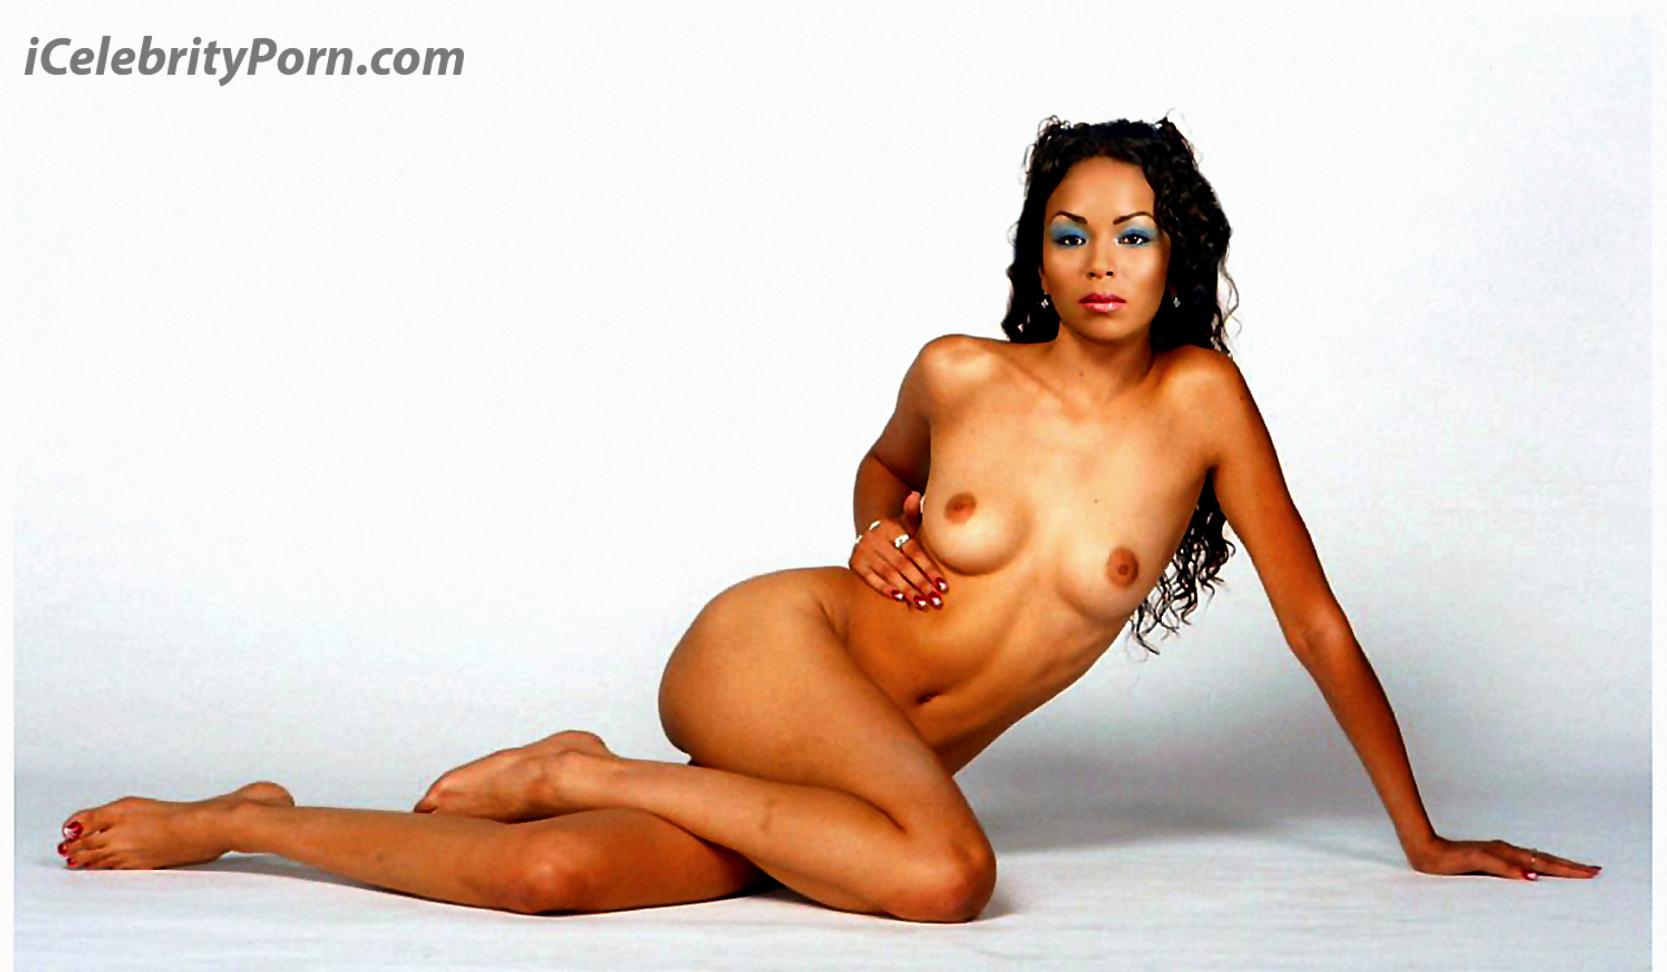 esto es gerra xxx-porno-amateur-peru-famosas-desnudas-descuidos-fake-karen-america-tv-show-sexo-follando-calata-prohibido-censurado (10)